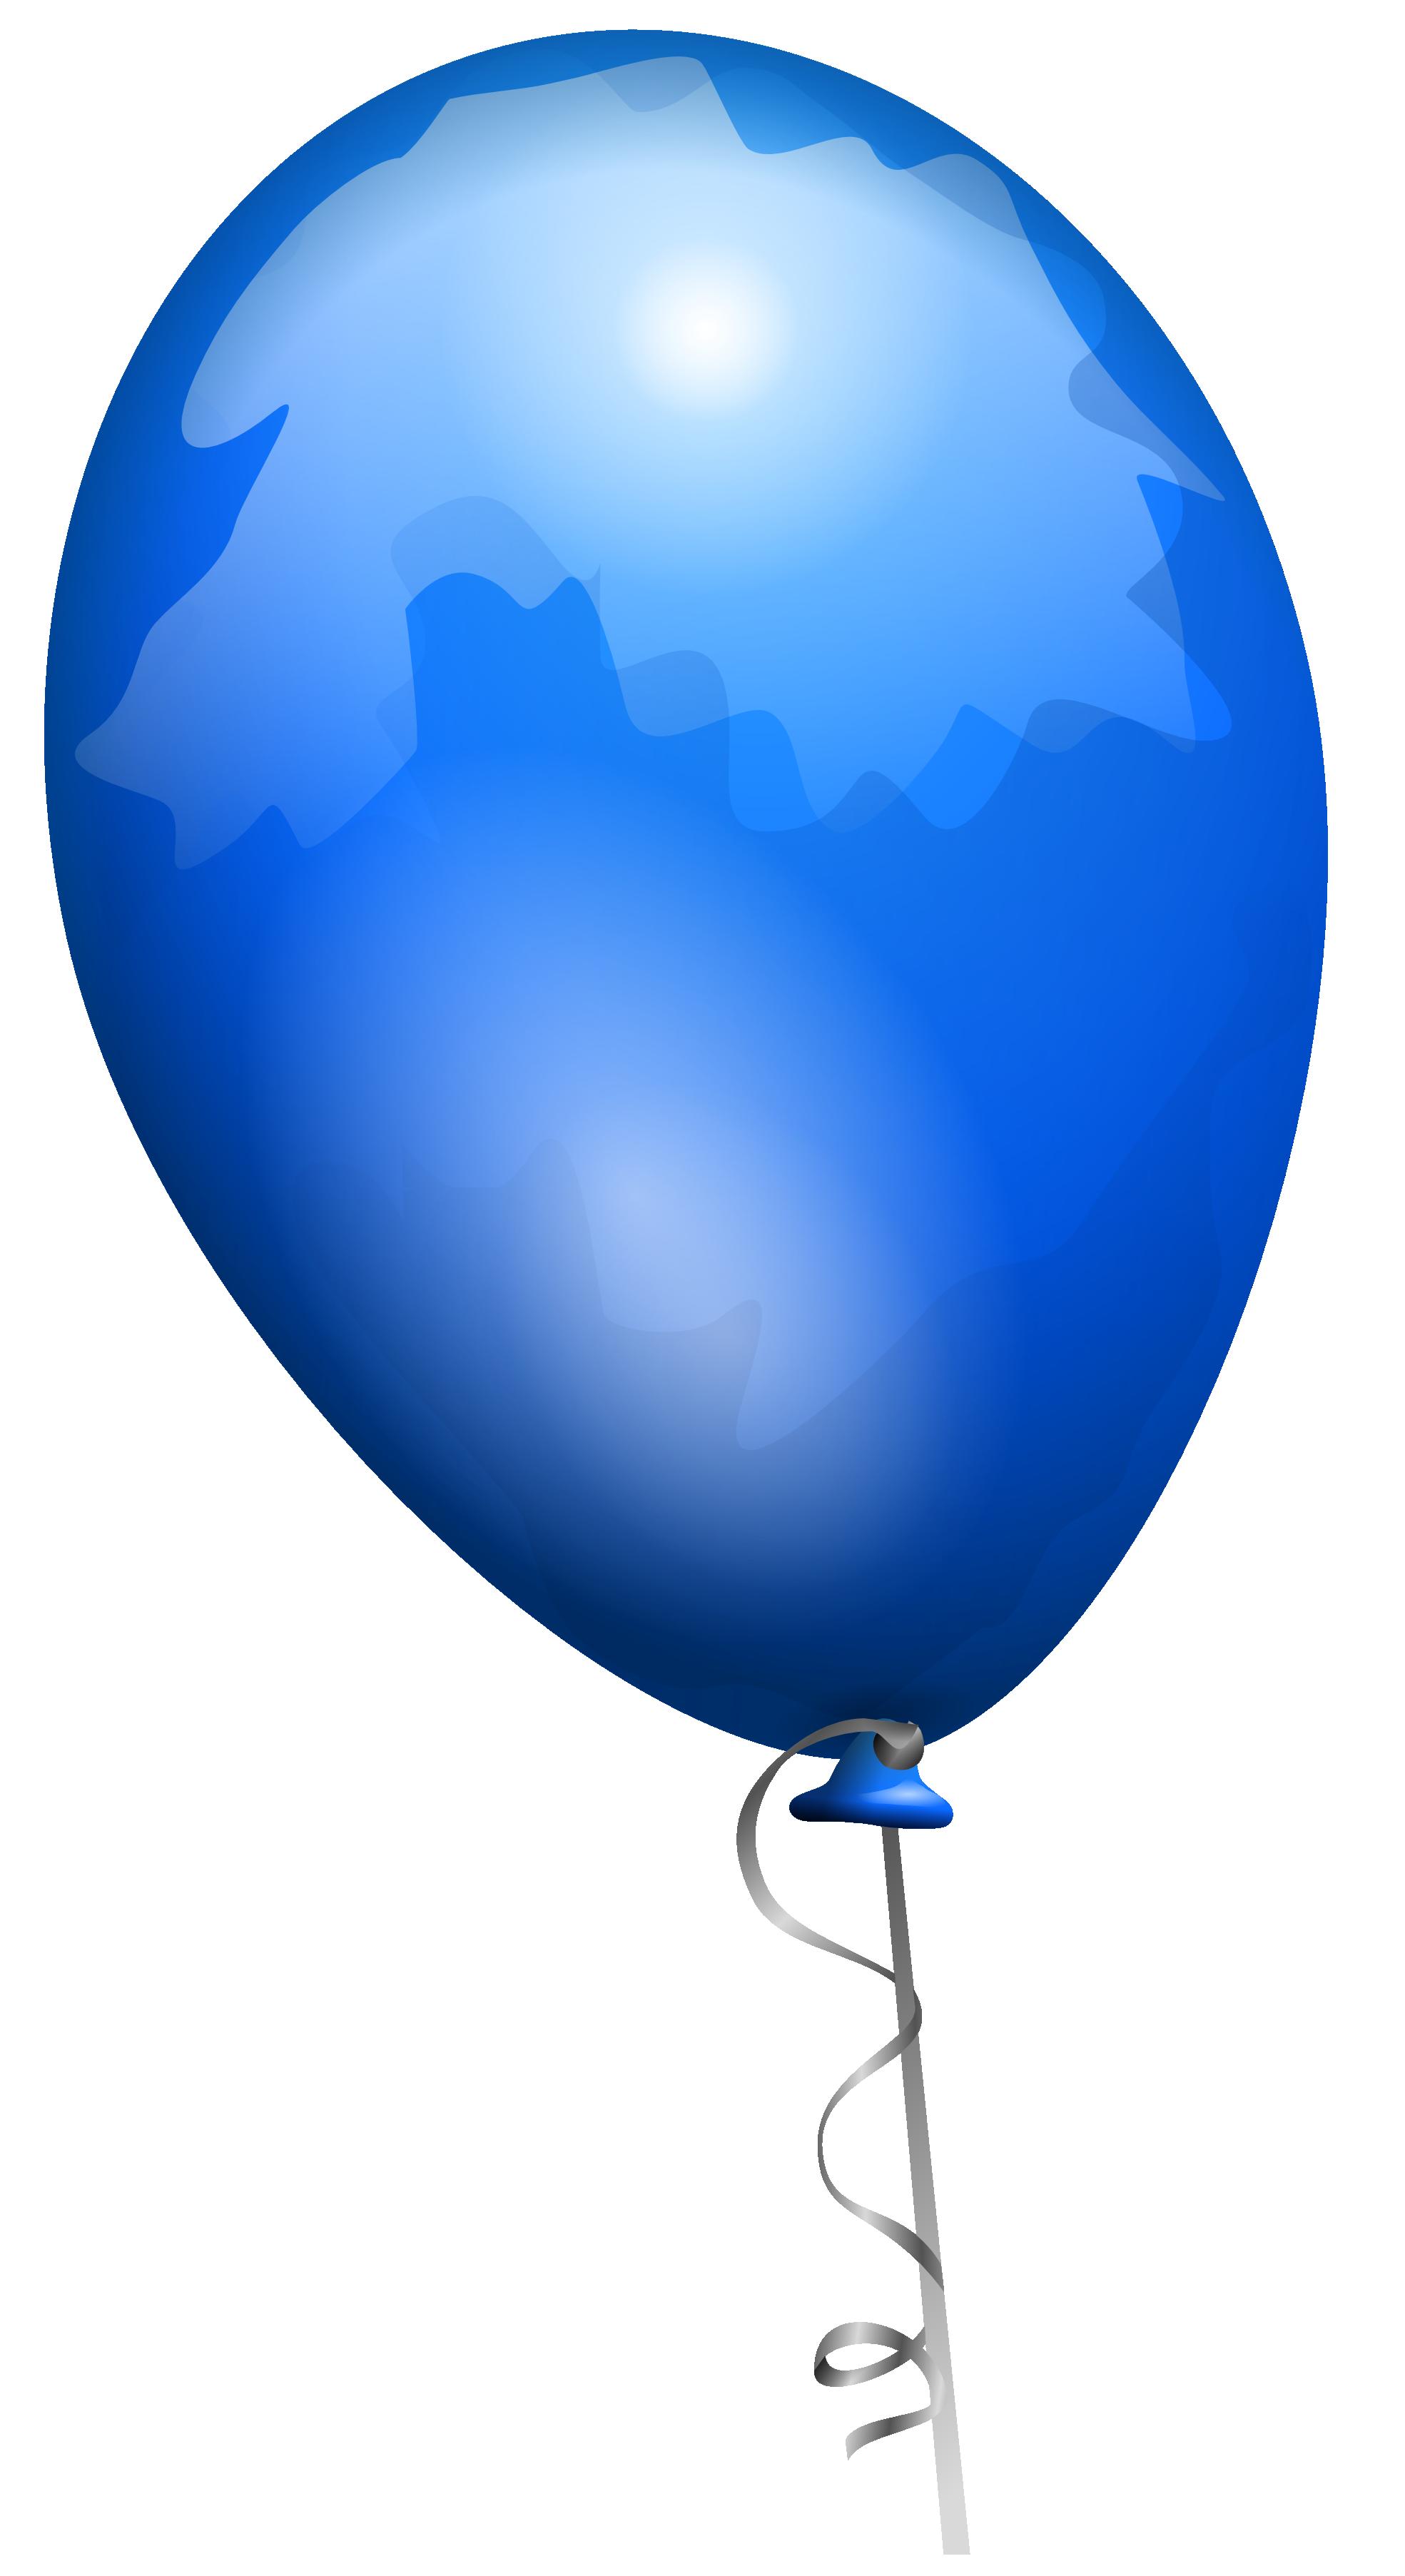 Blue Balloon's